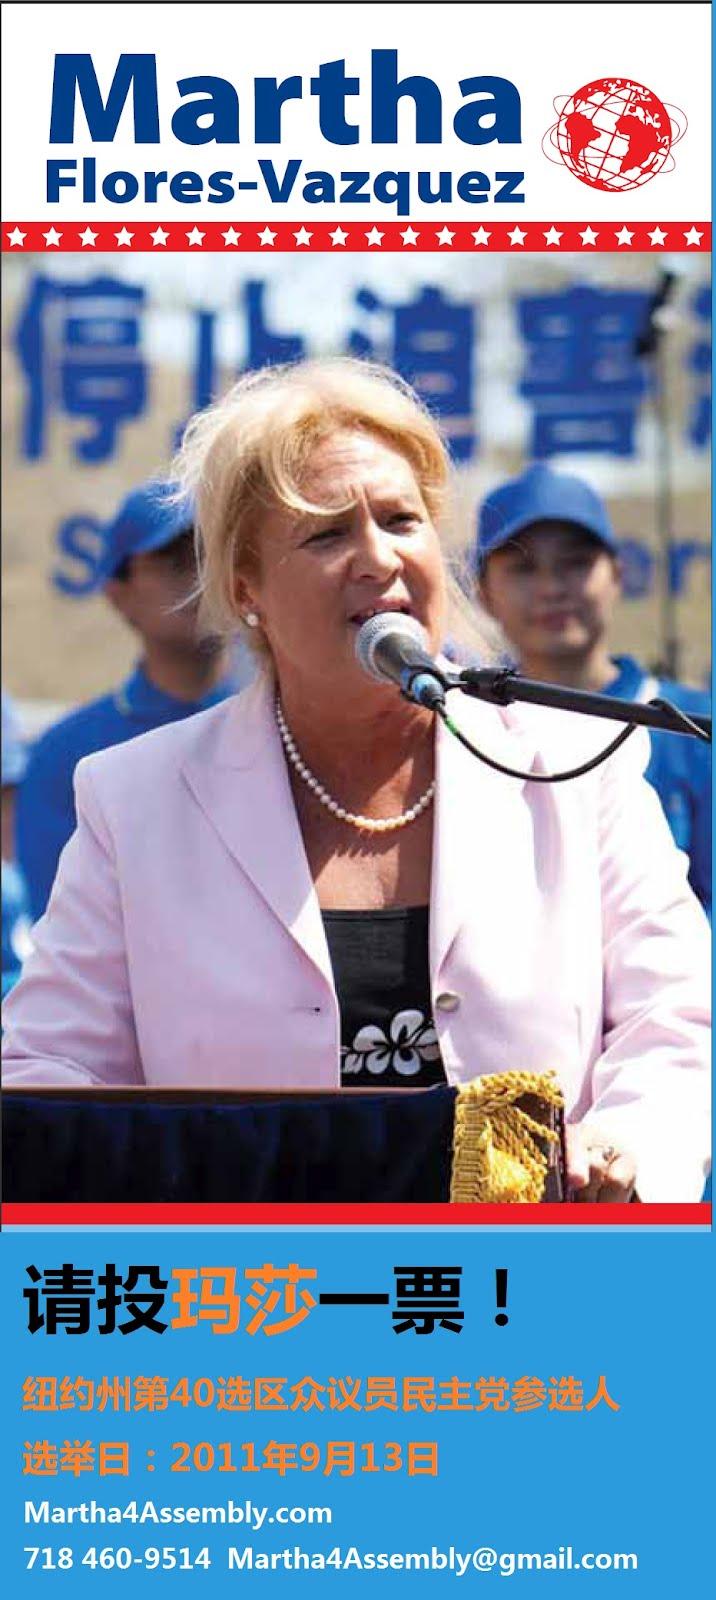 ... 茉莉花行动部落: Martha Flores-Vazquez for Assembly Member of NY